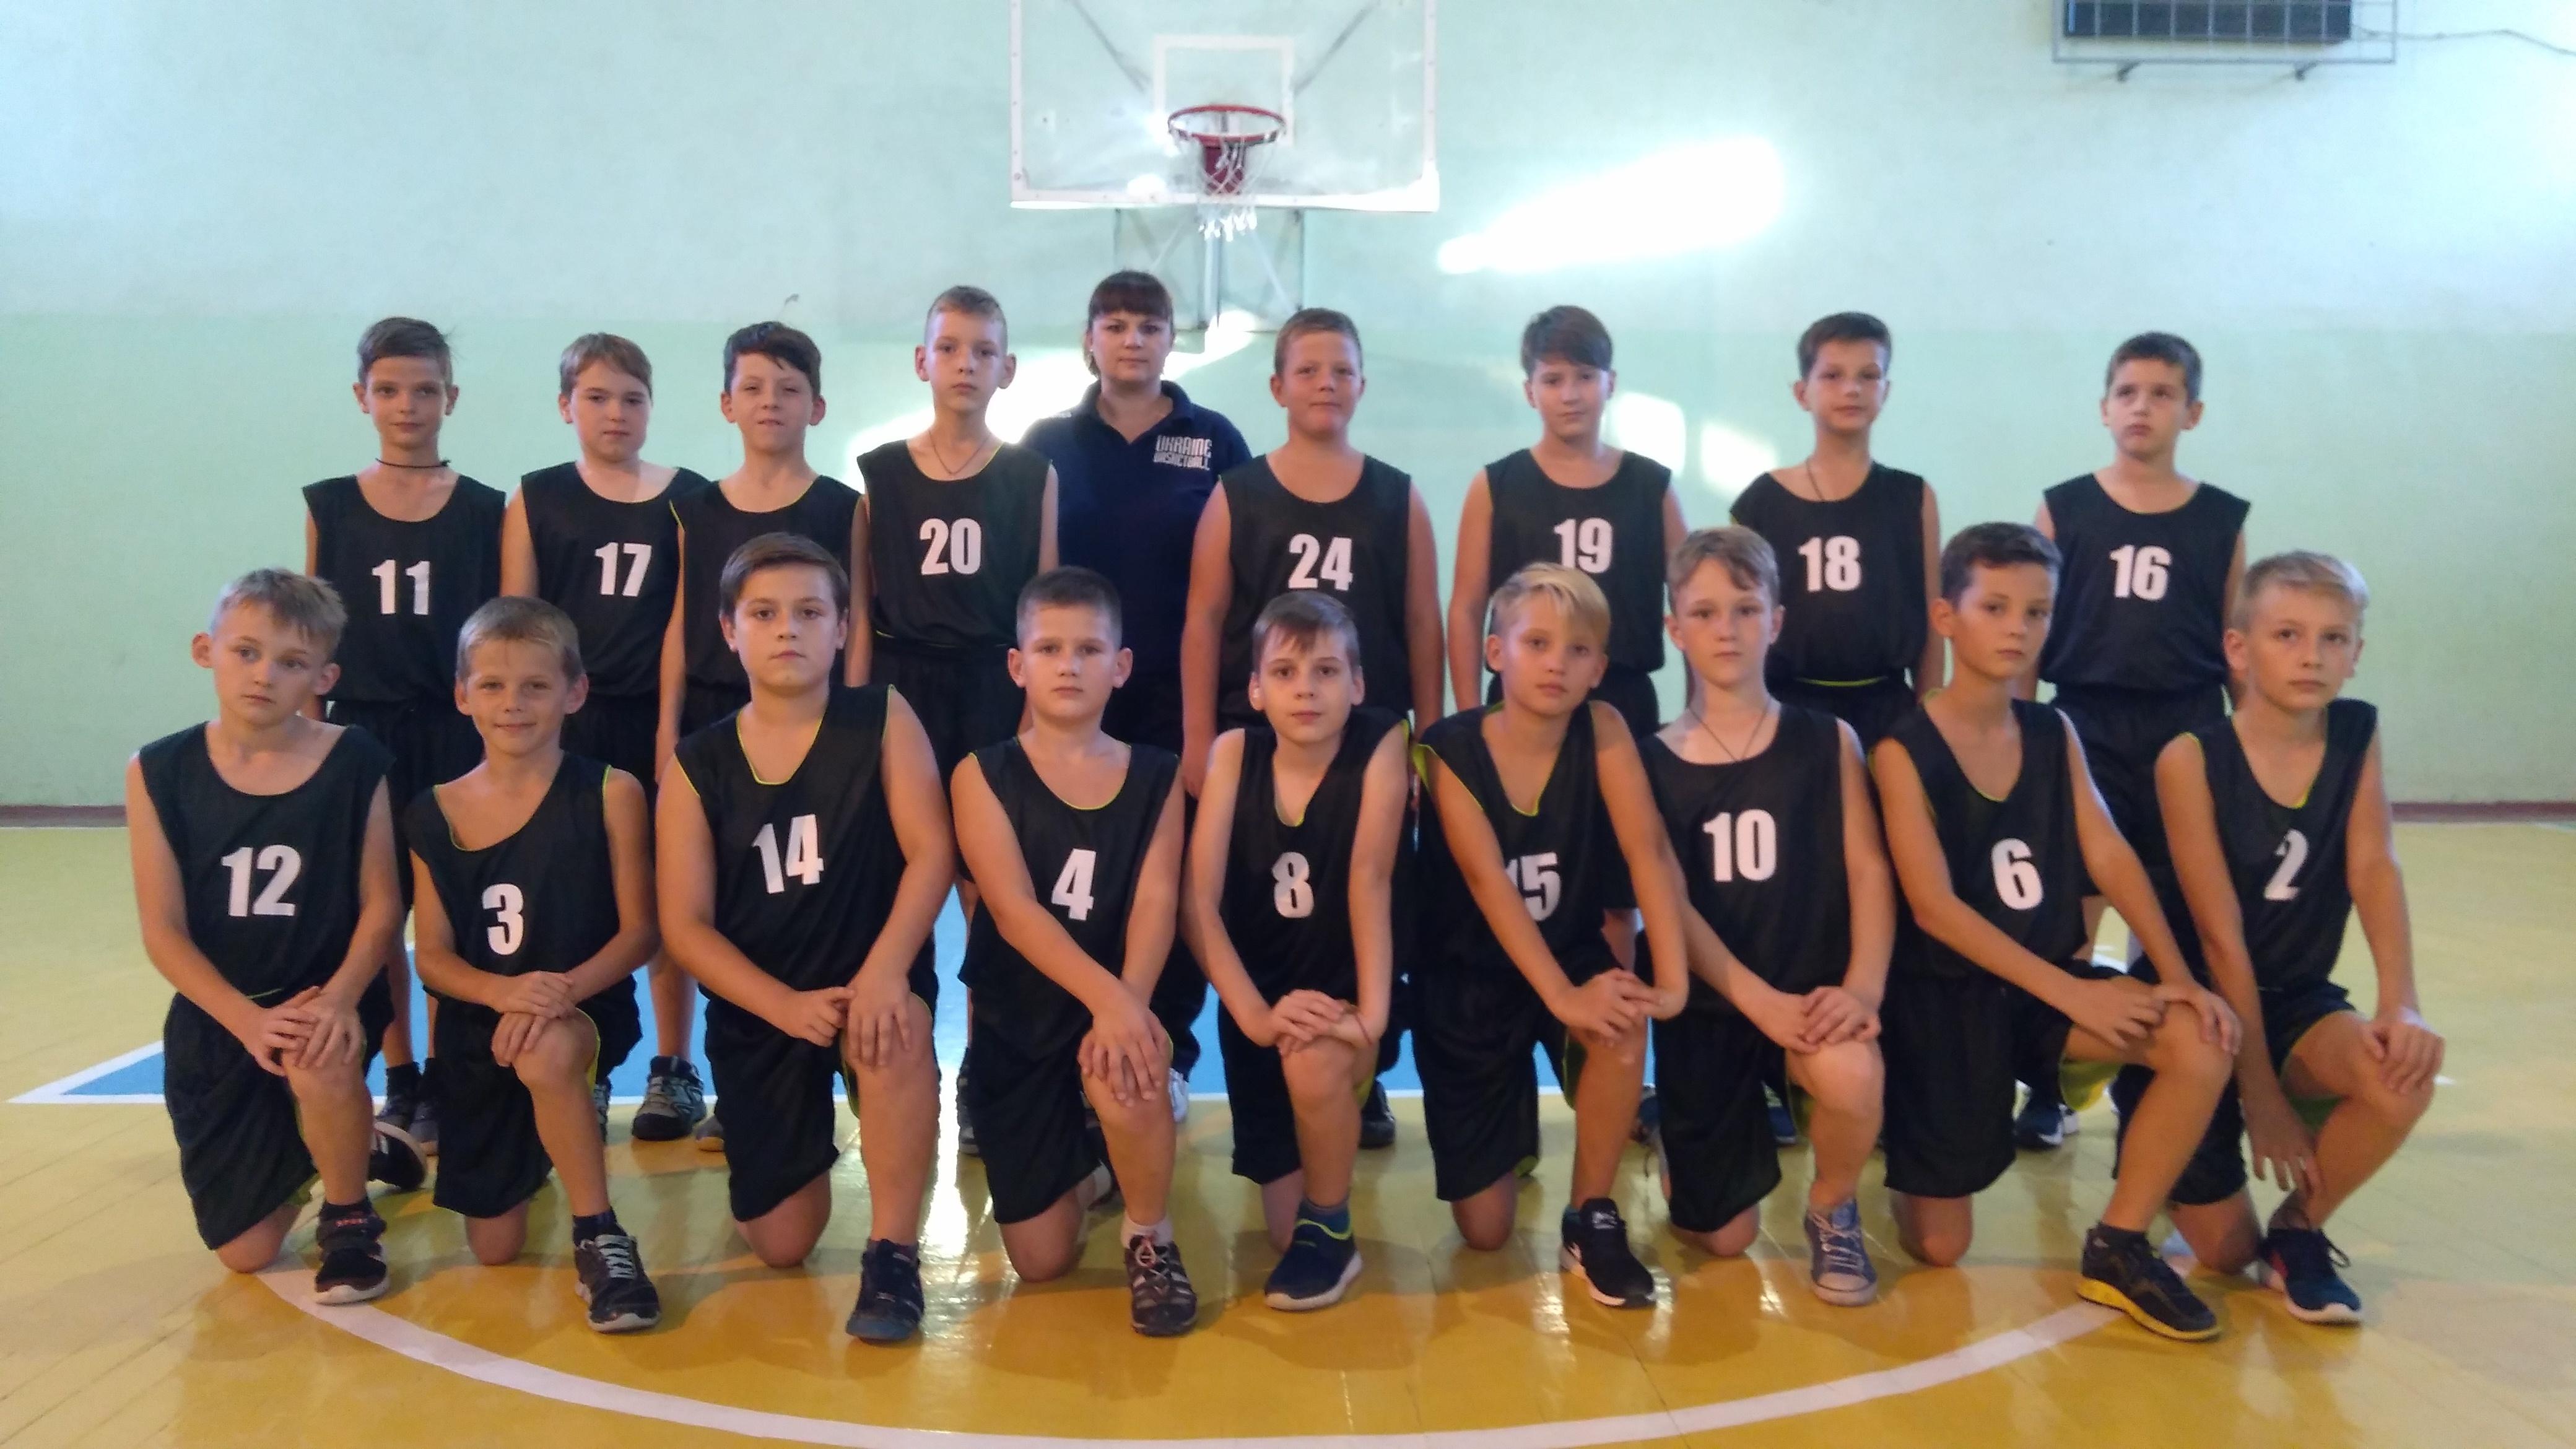 Ірина Бикова: ідея створення Юнацької баскетбольної ліги Київщини прийшла, коли я була у декреті